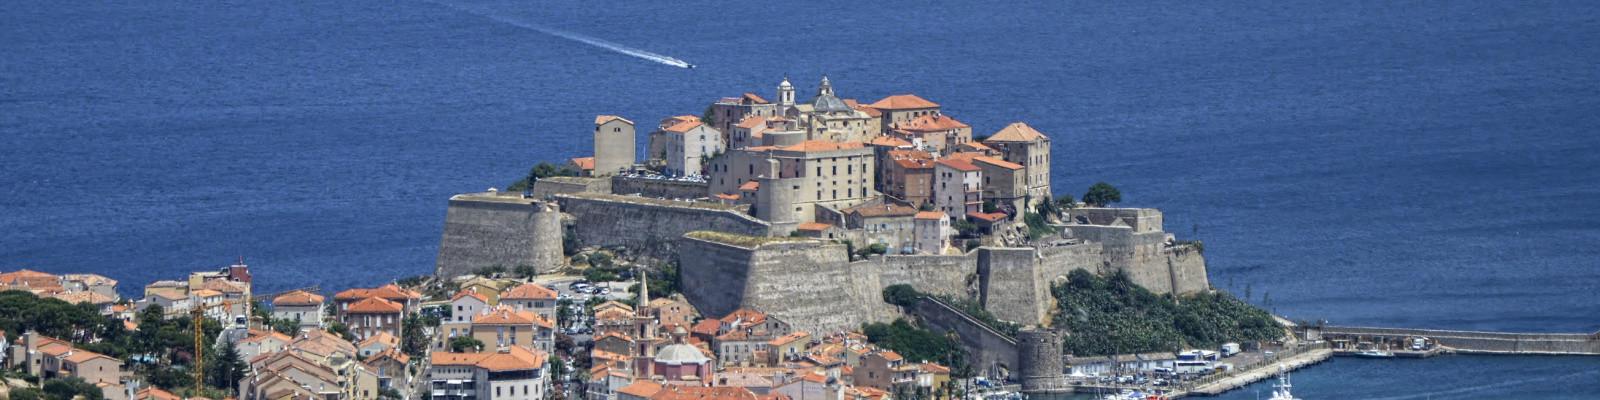 Corsica Foto